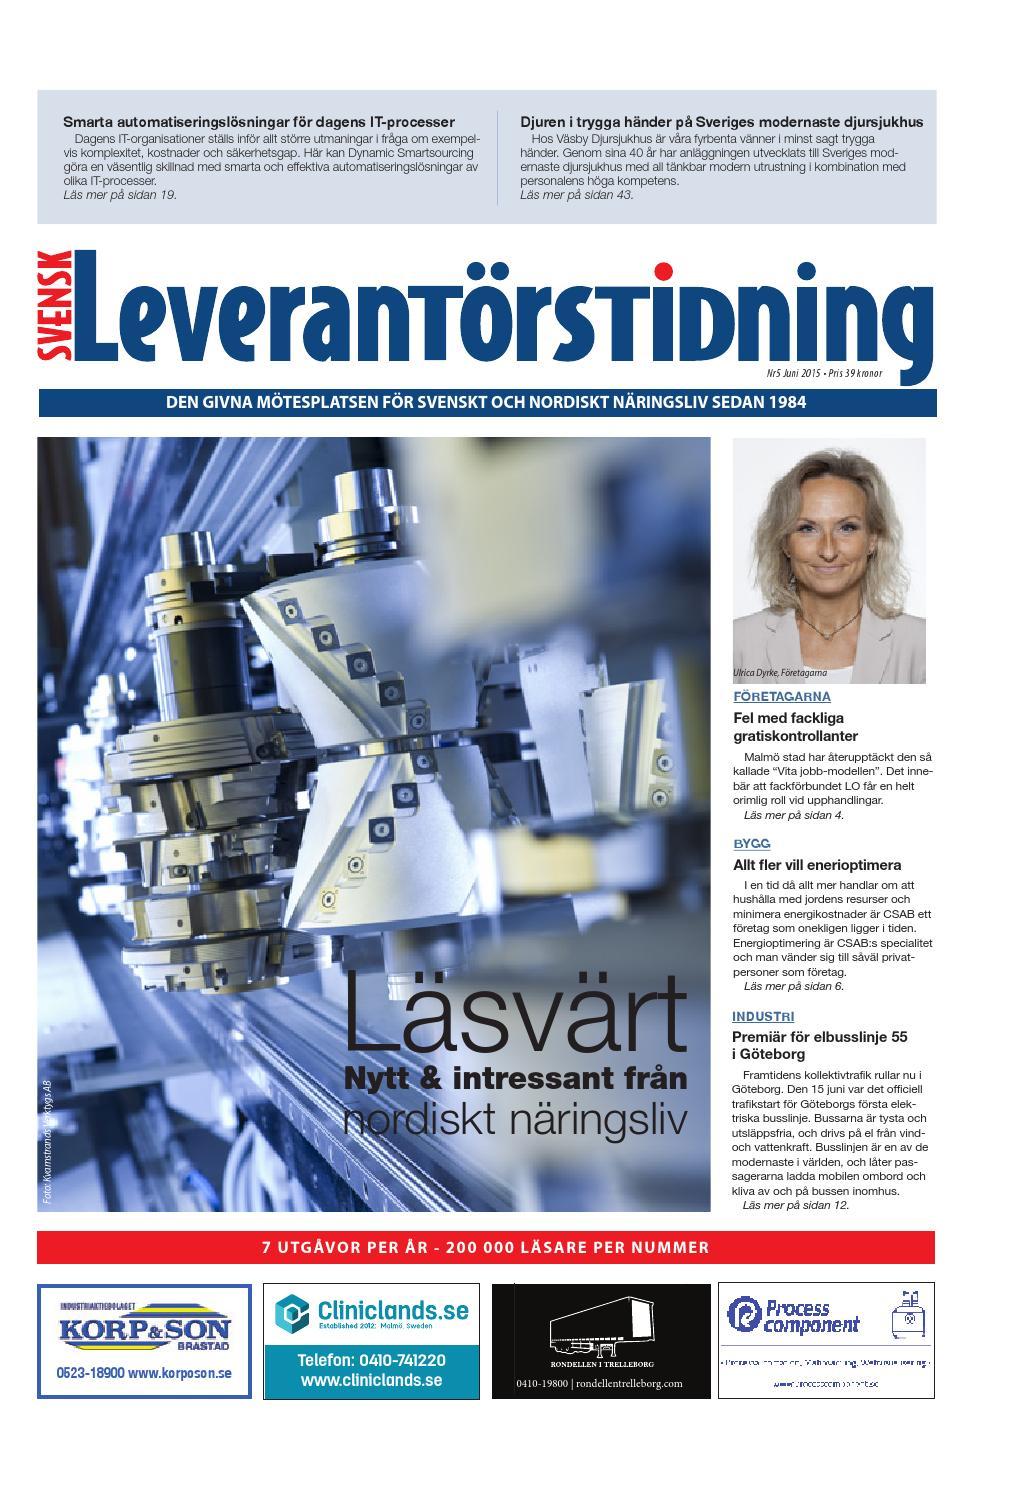 Svensk Leverantörstidning nr-5 2015 by Hexanova Media Group AB - issuu 2c1bcb239f47b